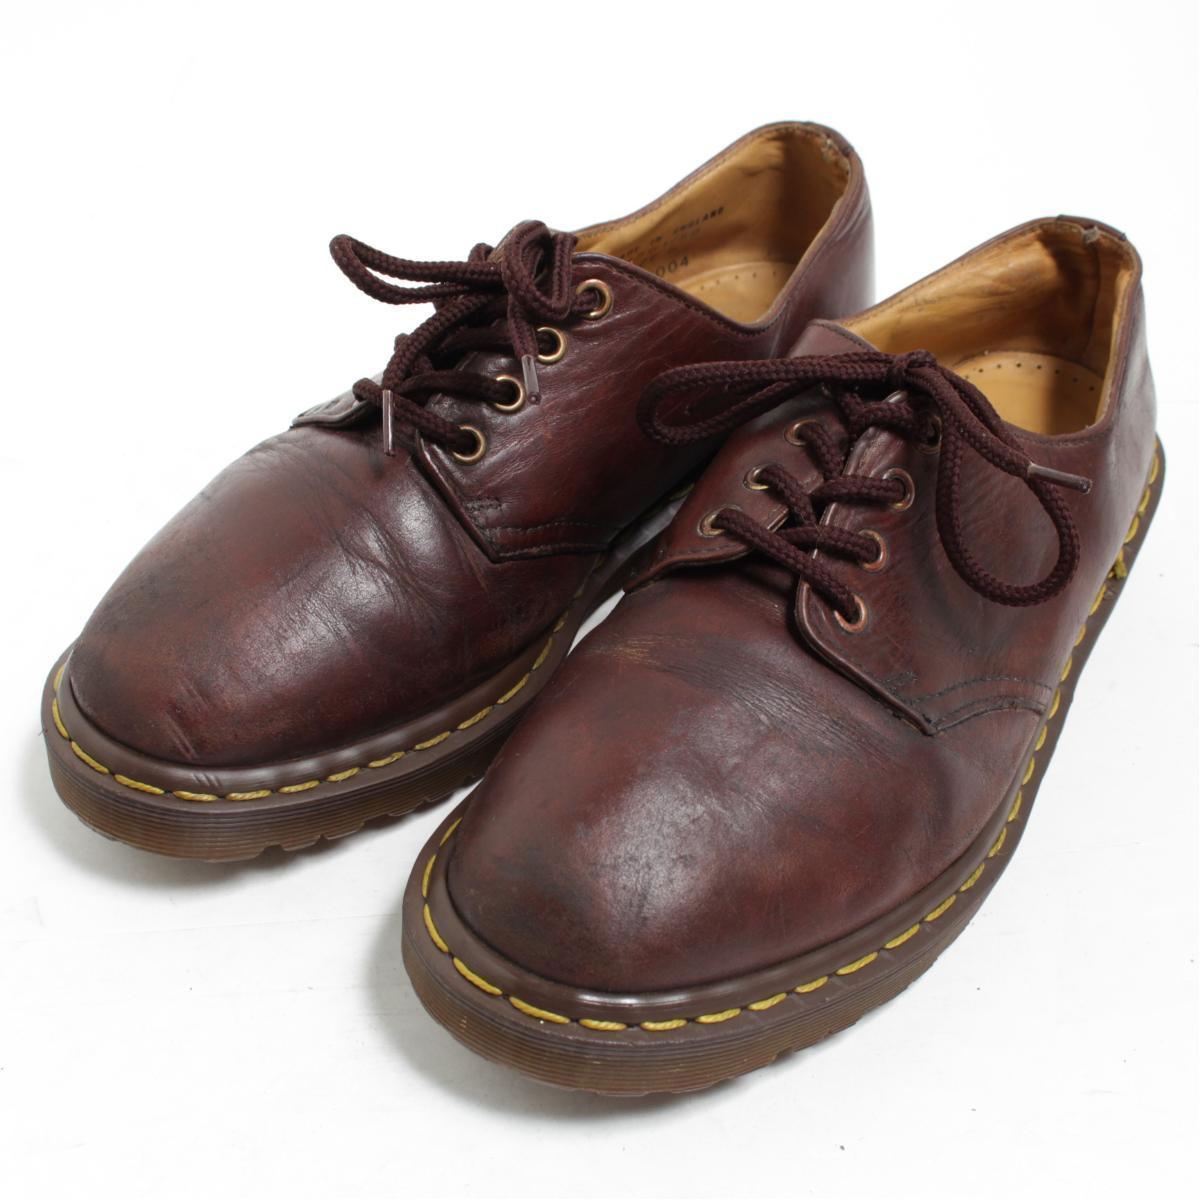 ドクターマーチン Dr.Martens 4ホールシューズ 英国製 UK8 メンズ26.5cm /bom2209 【中古】【古着屋JAM】【古着屋JAM】 【180218】